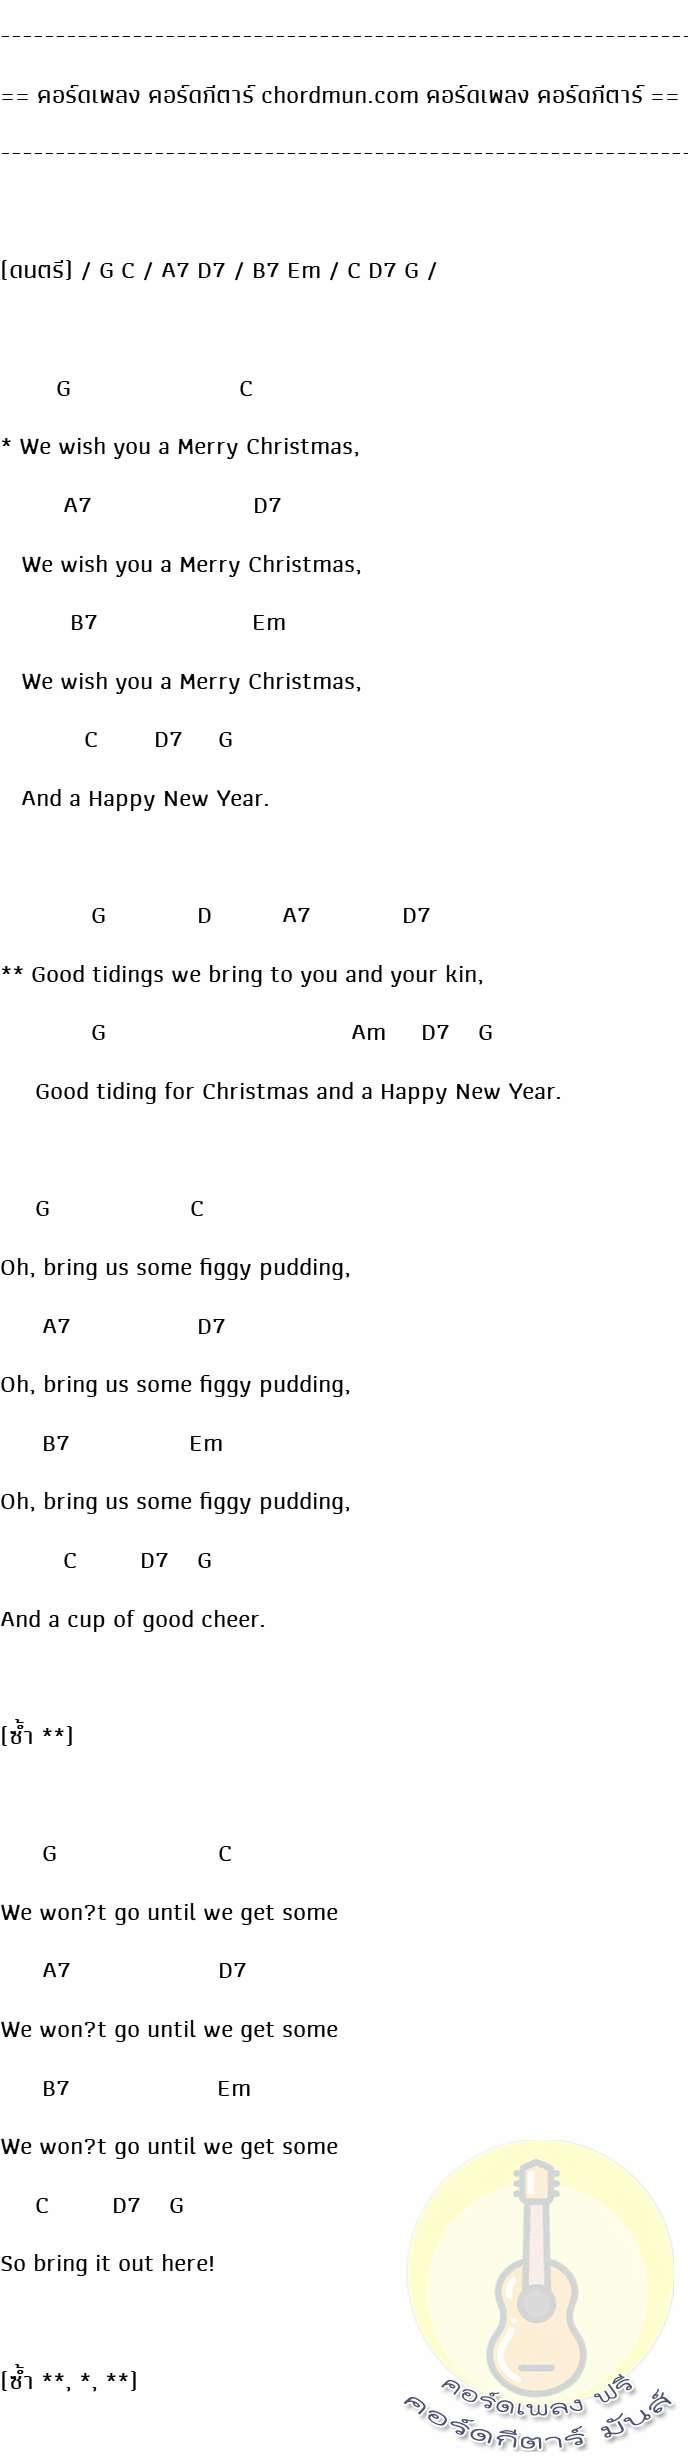 คอร์ดกีต้าร์มือใหม่  เพลง We wish you a Merry Christmas